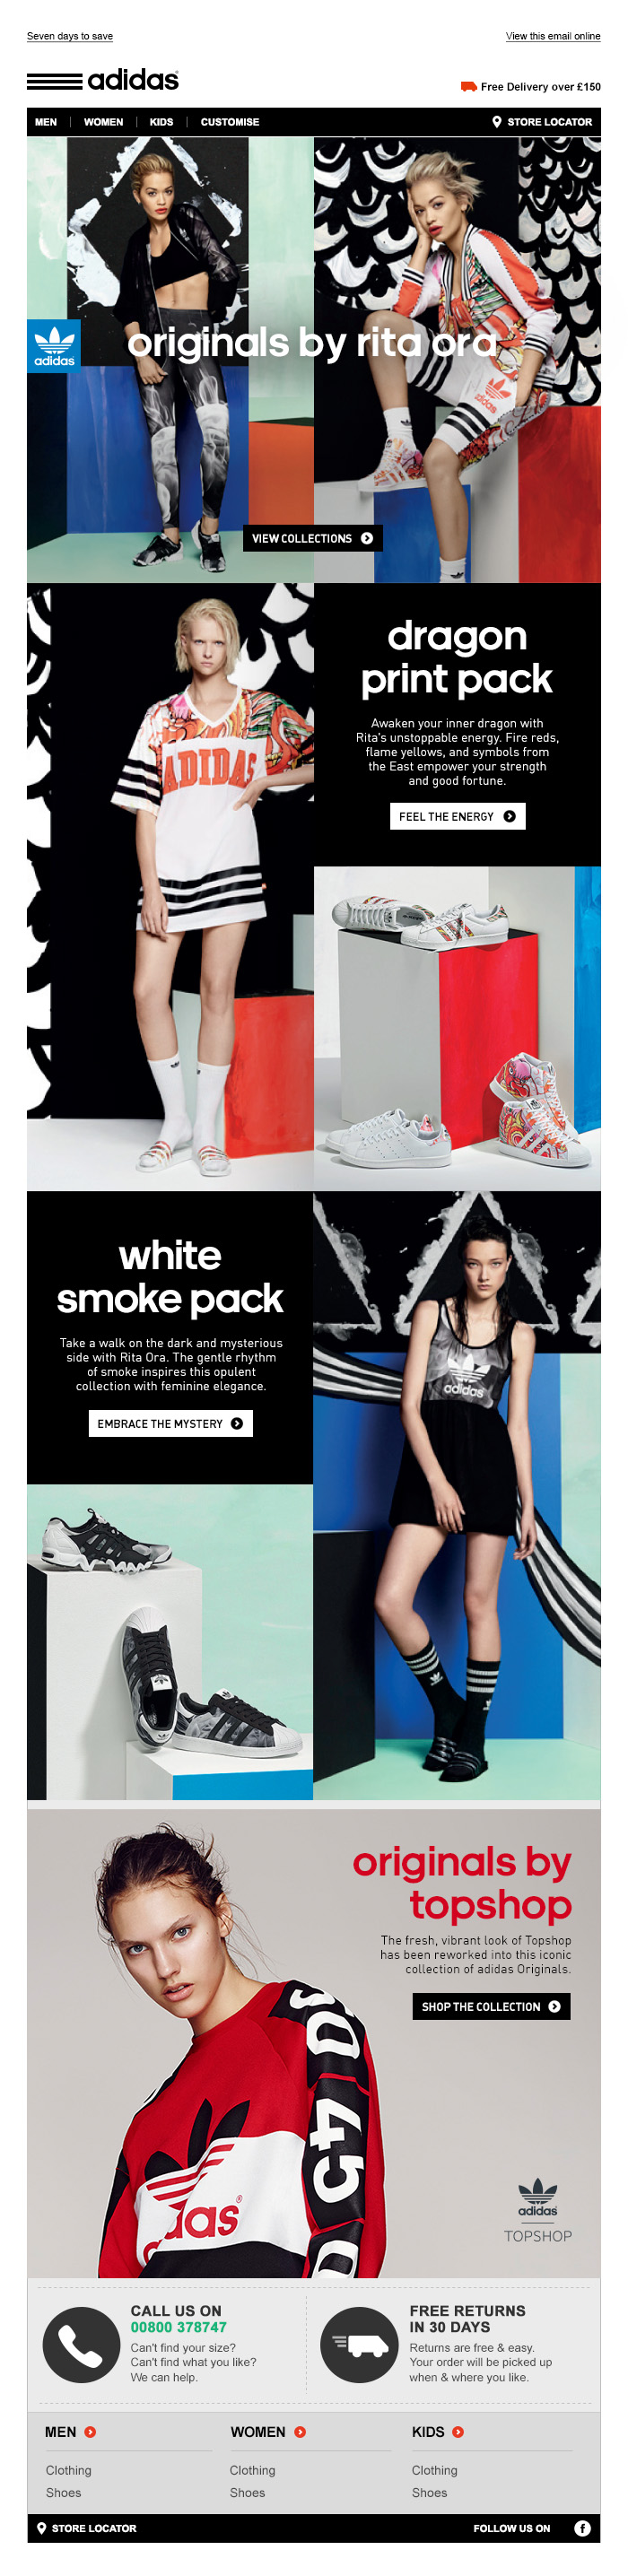 adidas Originals Rita Ora Dragon White Smoke - Tim Tayyar, freelance copywriter